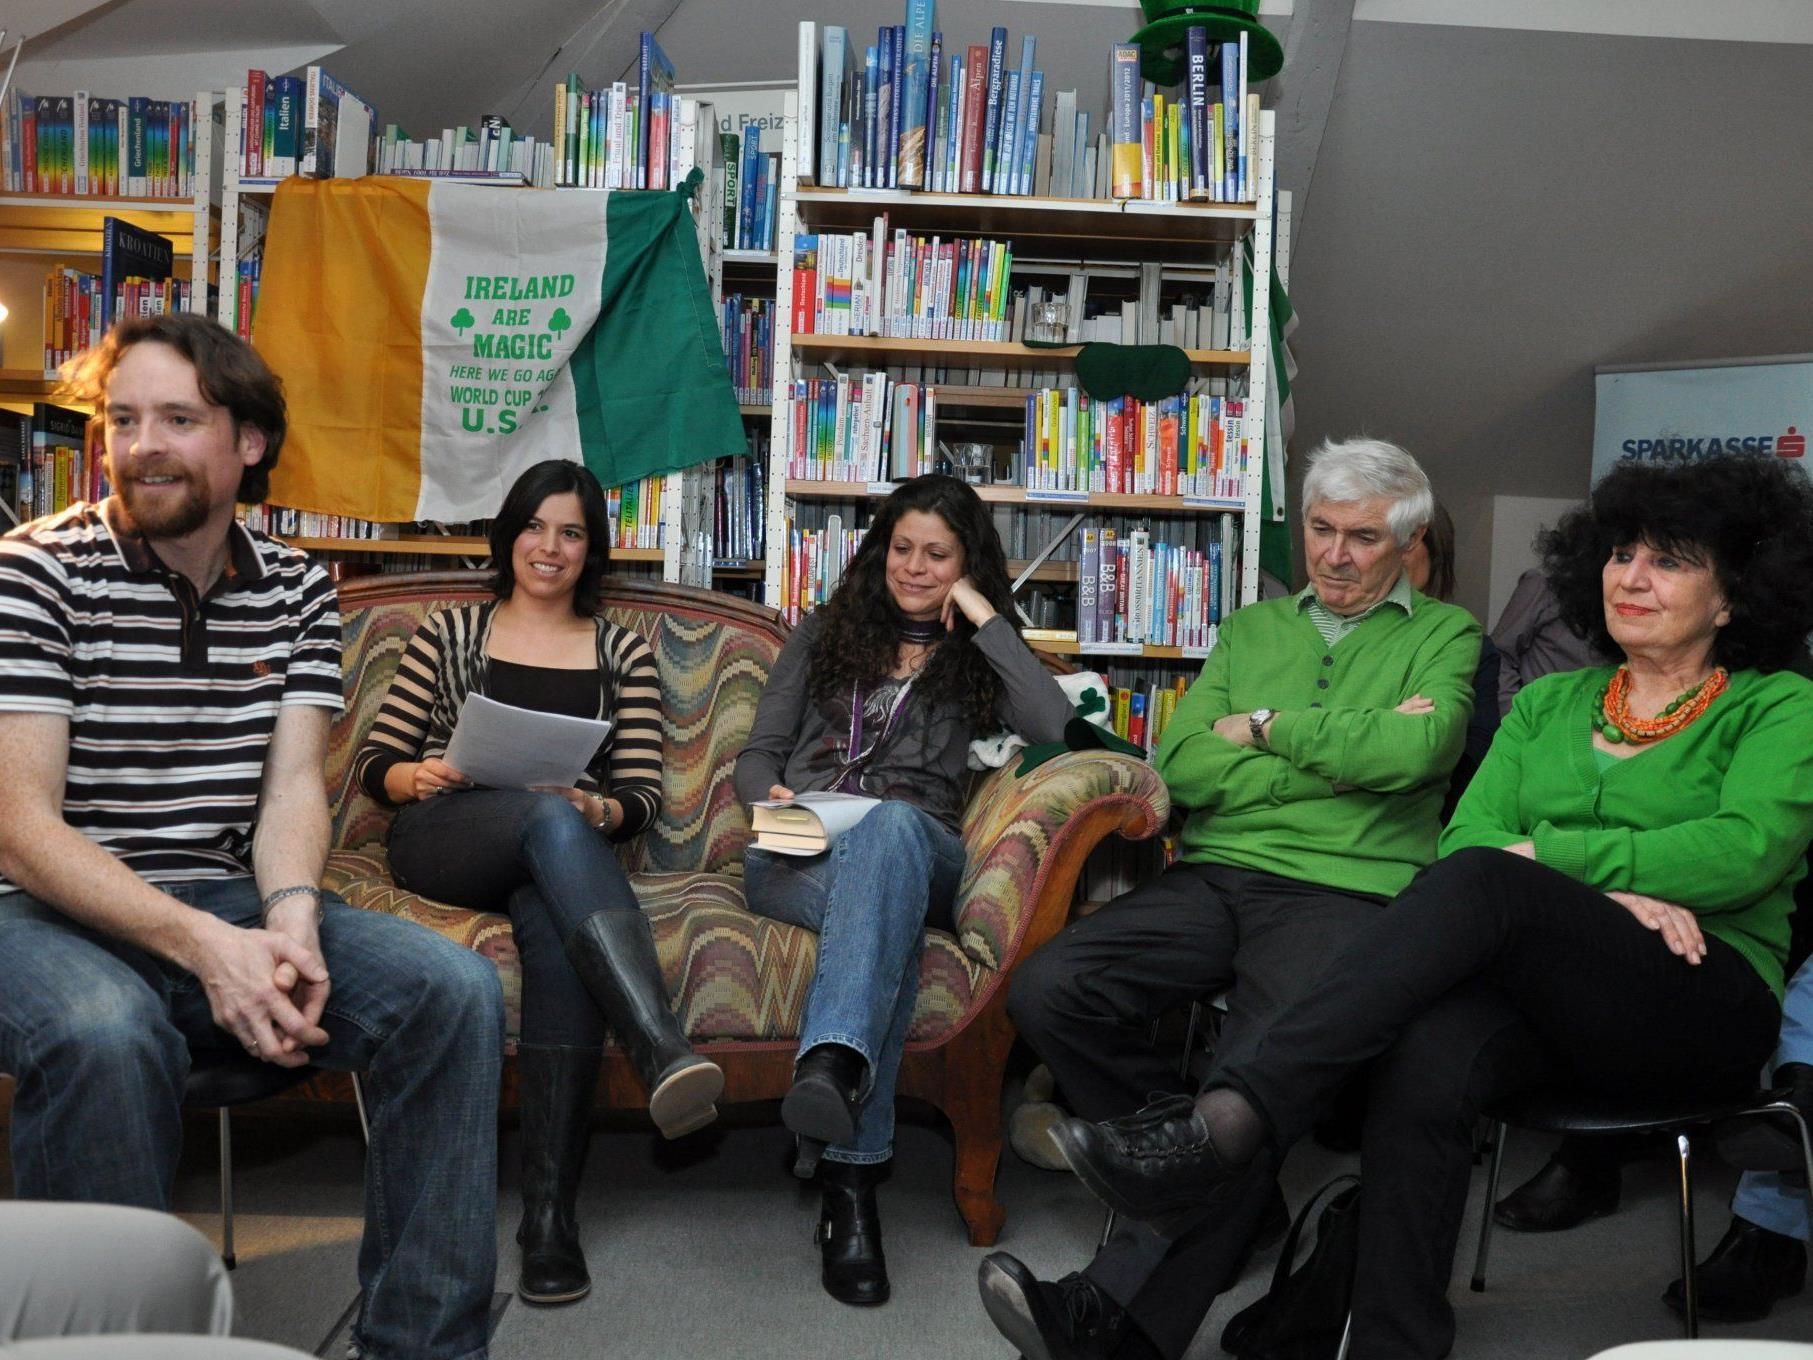 Die Stadtbücherei lud zum deutsch-irischen Abend im Zeichen von St. Patrick.